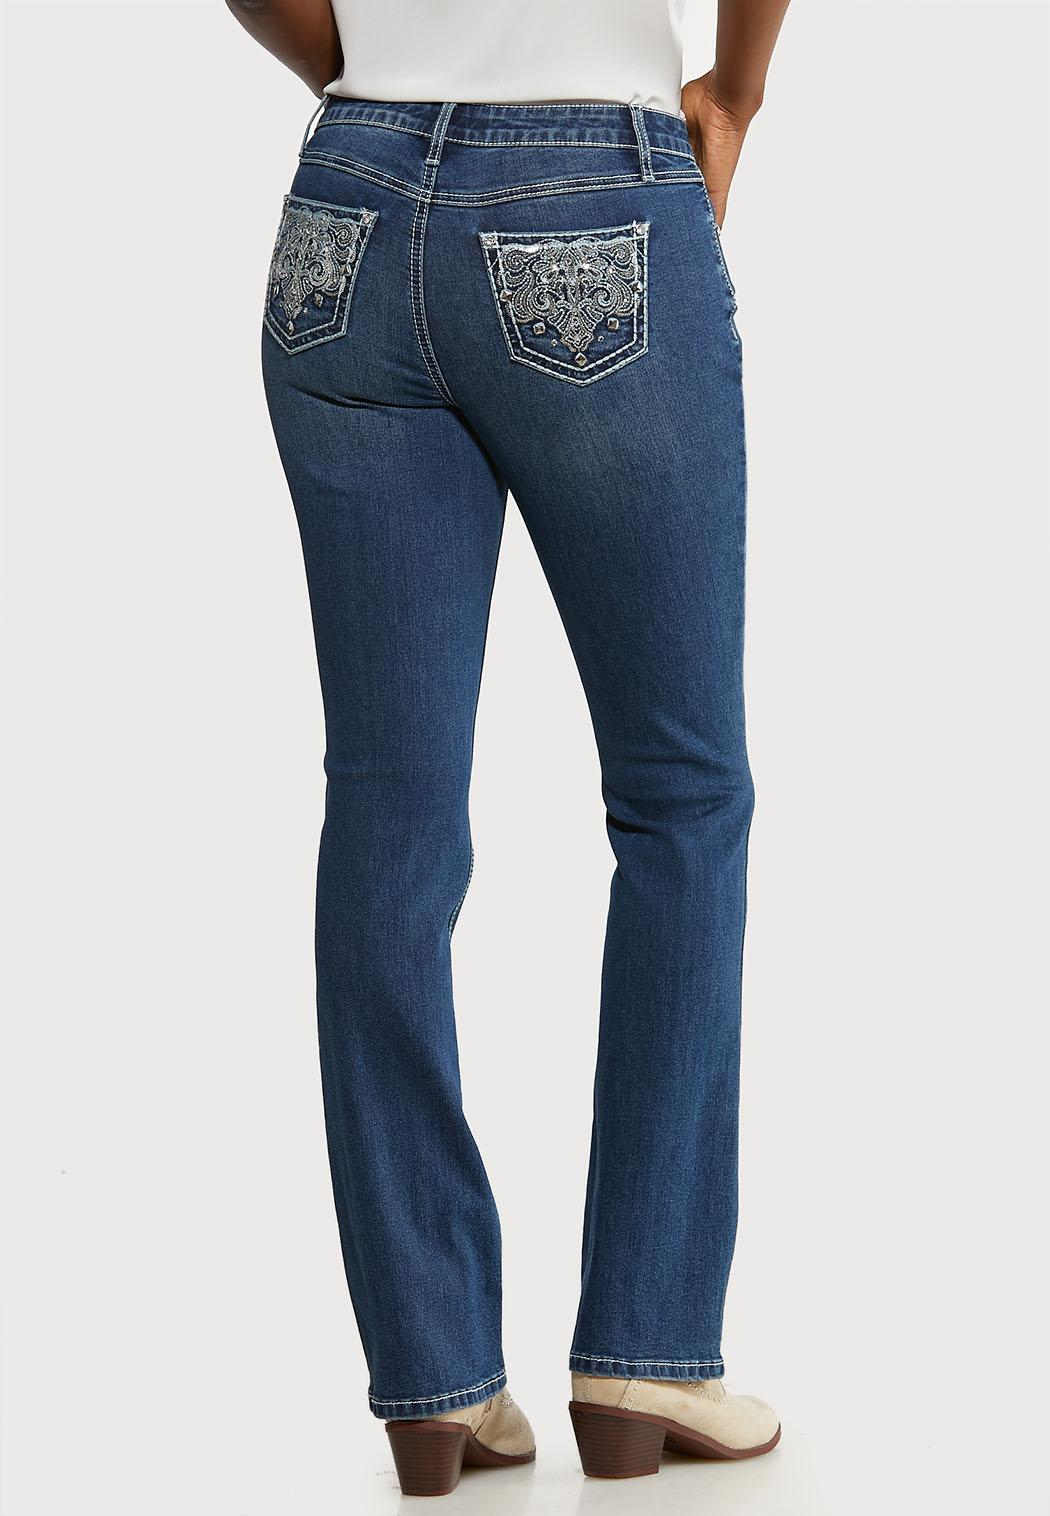 Petite Sequin Embellished Pocket Jeans